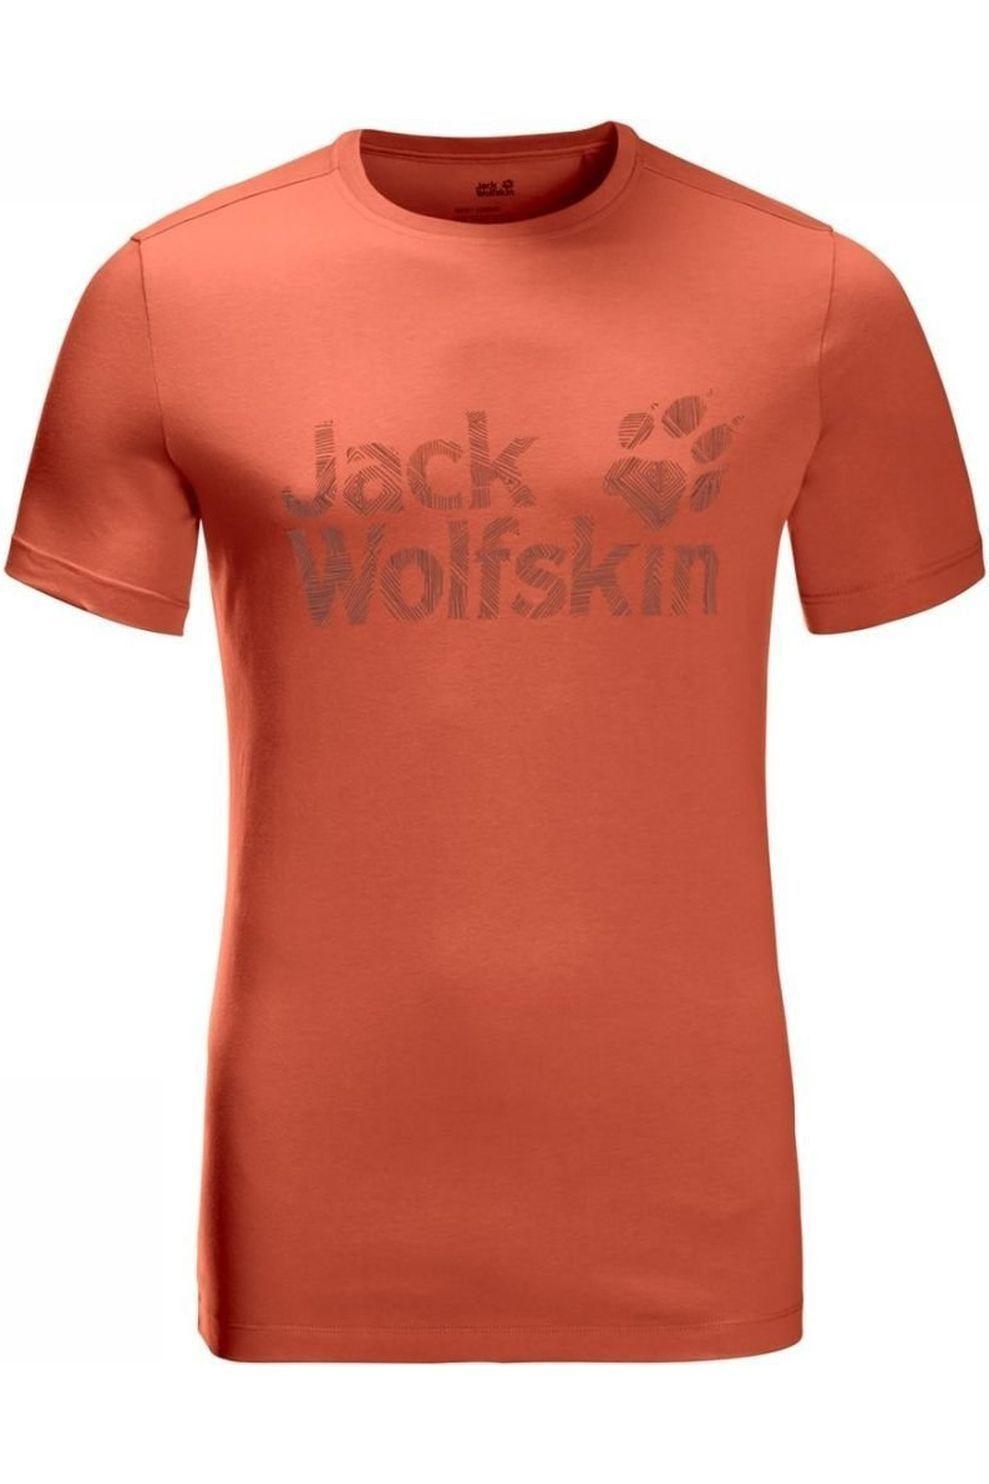 Jack Wolfskin T-shirt Brand Logo T voor heren Bruin Maten: M, L, XL, XXL